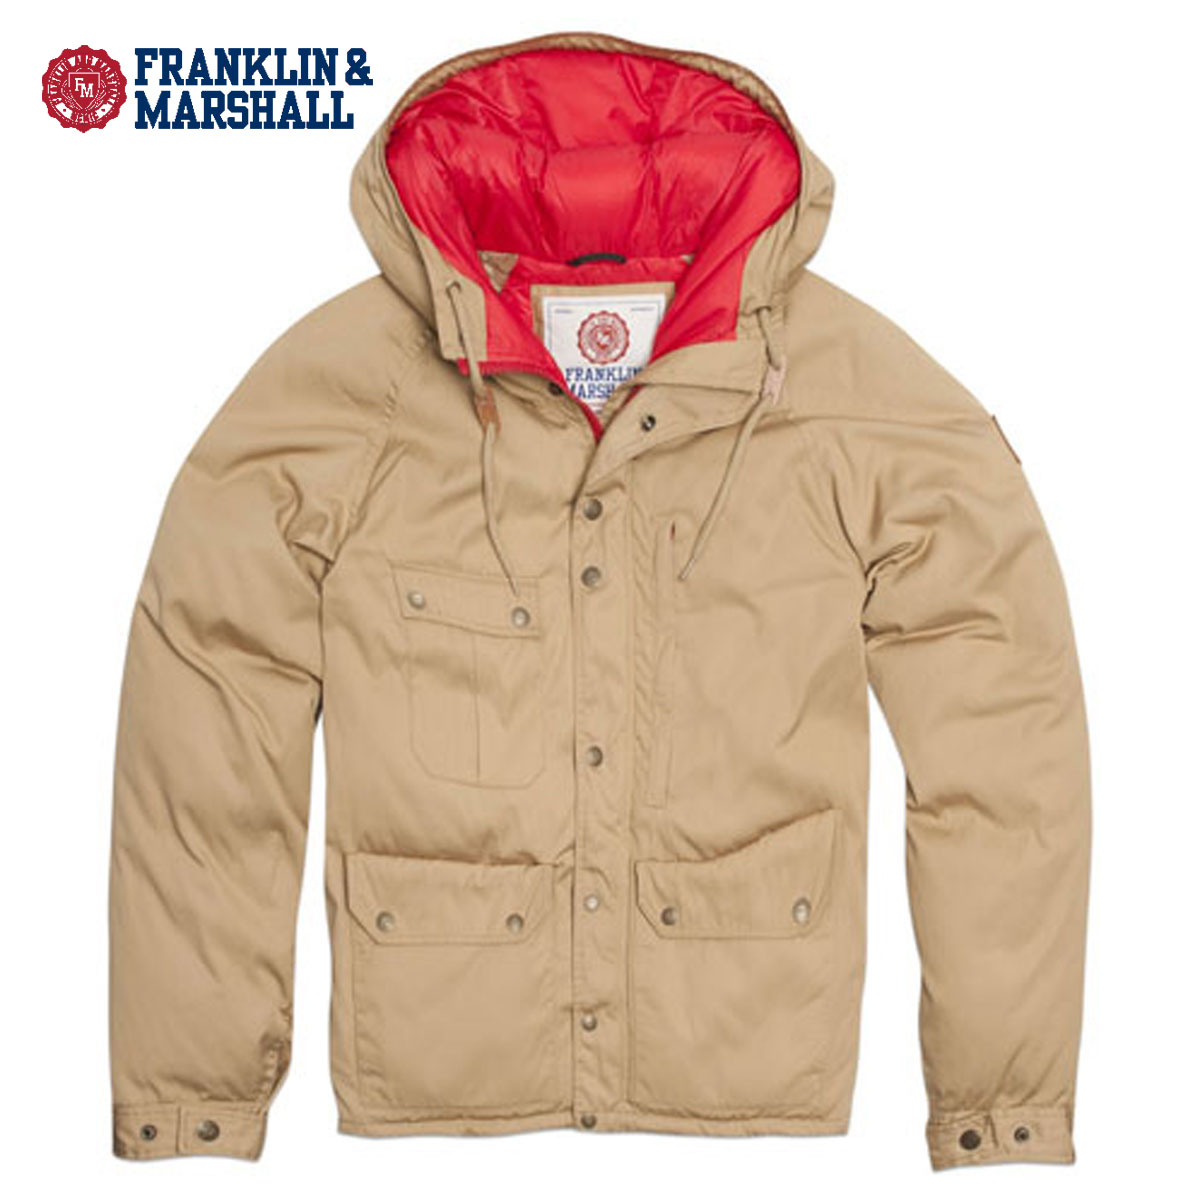 フランクリン マーシャル FRANKLIN&MARSHALL 正規販売店 メンズ ジャケット MOUNTAIN JACKET JKMR113 BEIGE D15S25